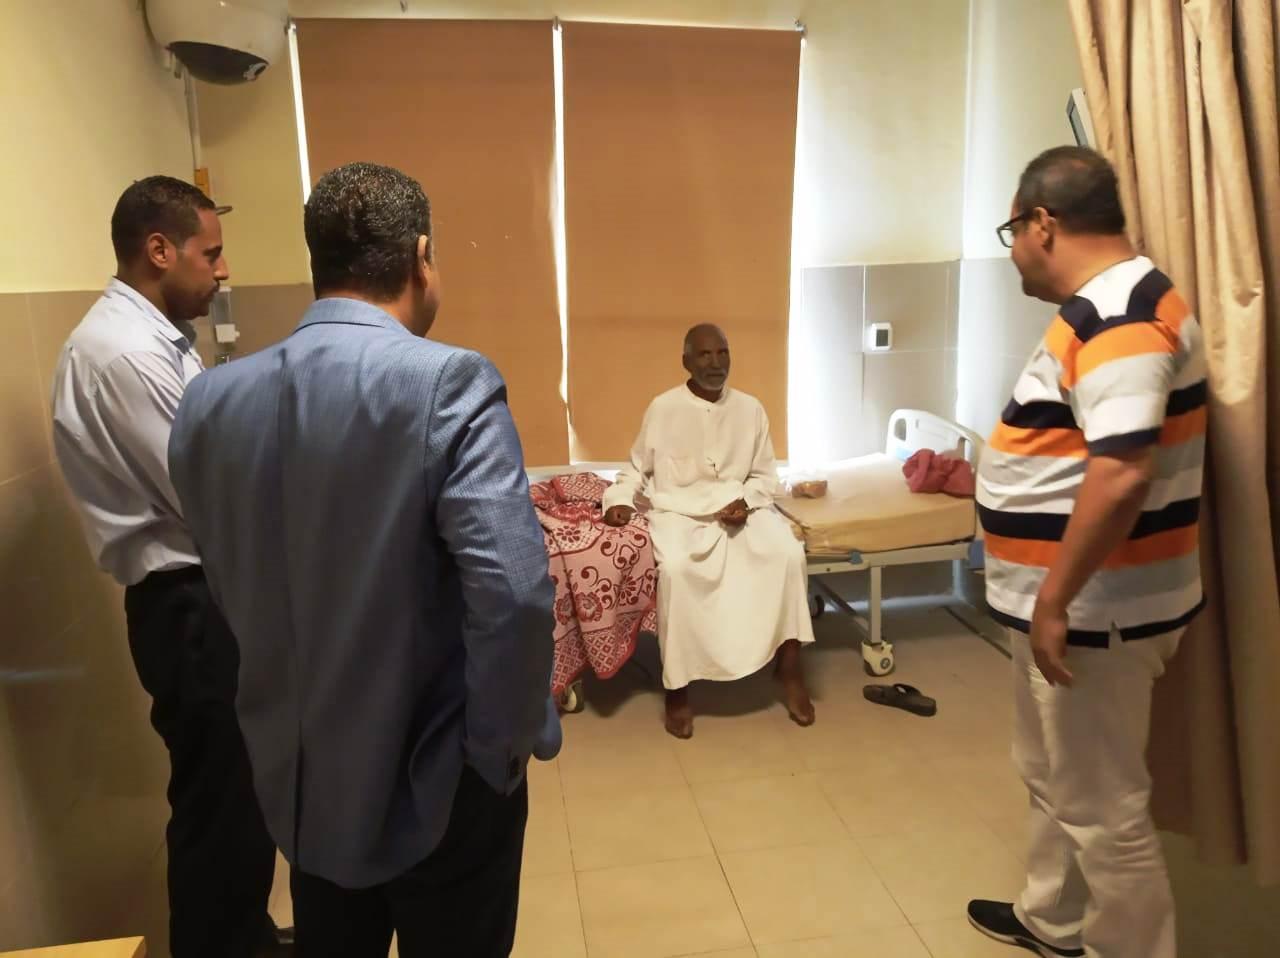 المريض داخل المستشفى (3)